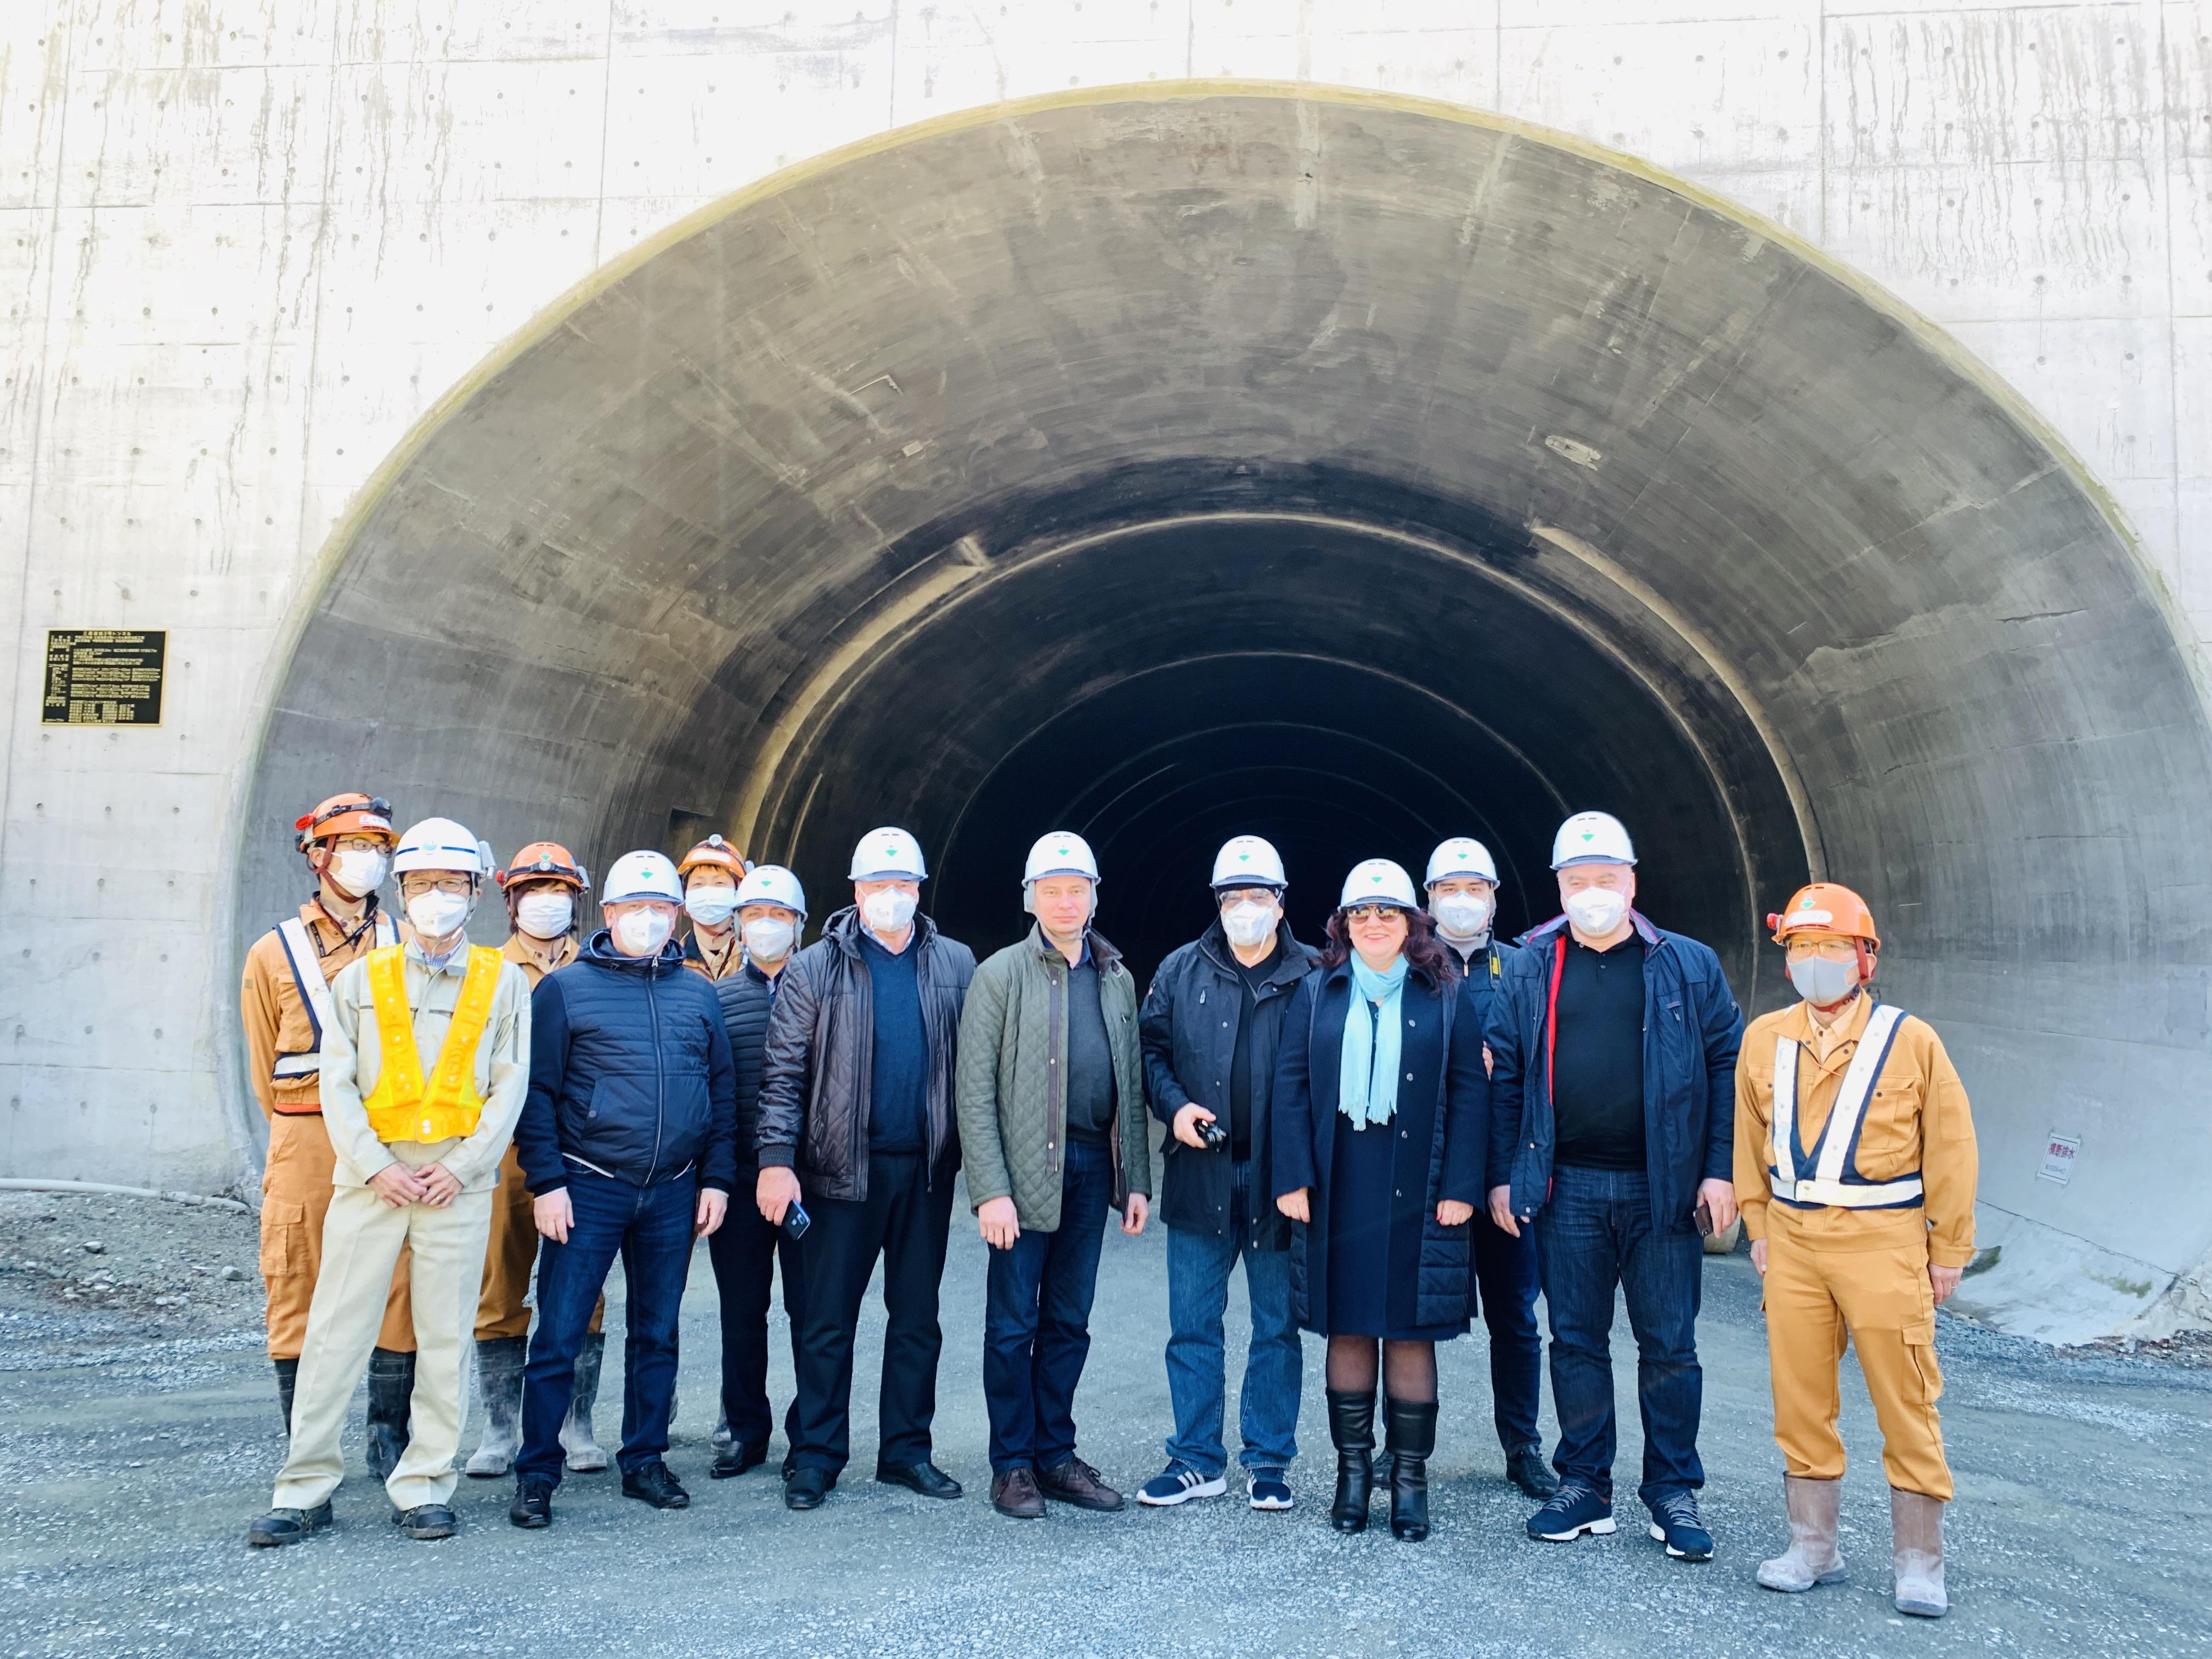 «Инновационные технологии проектирования, строительства и эксплуатации мостов, метрополитенов и транспортных  тоннелей  в Японии», в г. Токио–Камакура-Иокогама-Нагоя-Кобе-Осака-Киото, Япония с 25 февраля   по 03 марта 2020 г.